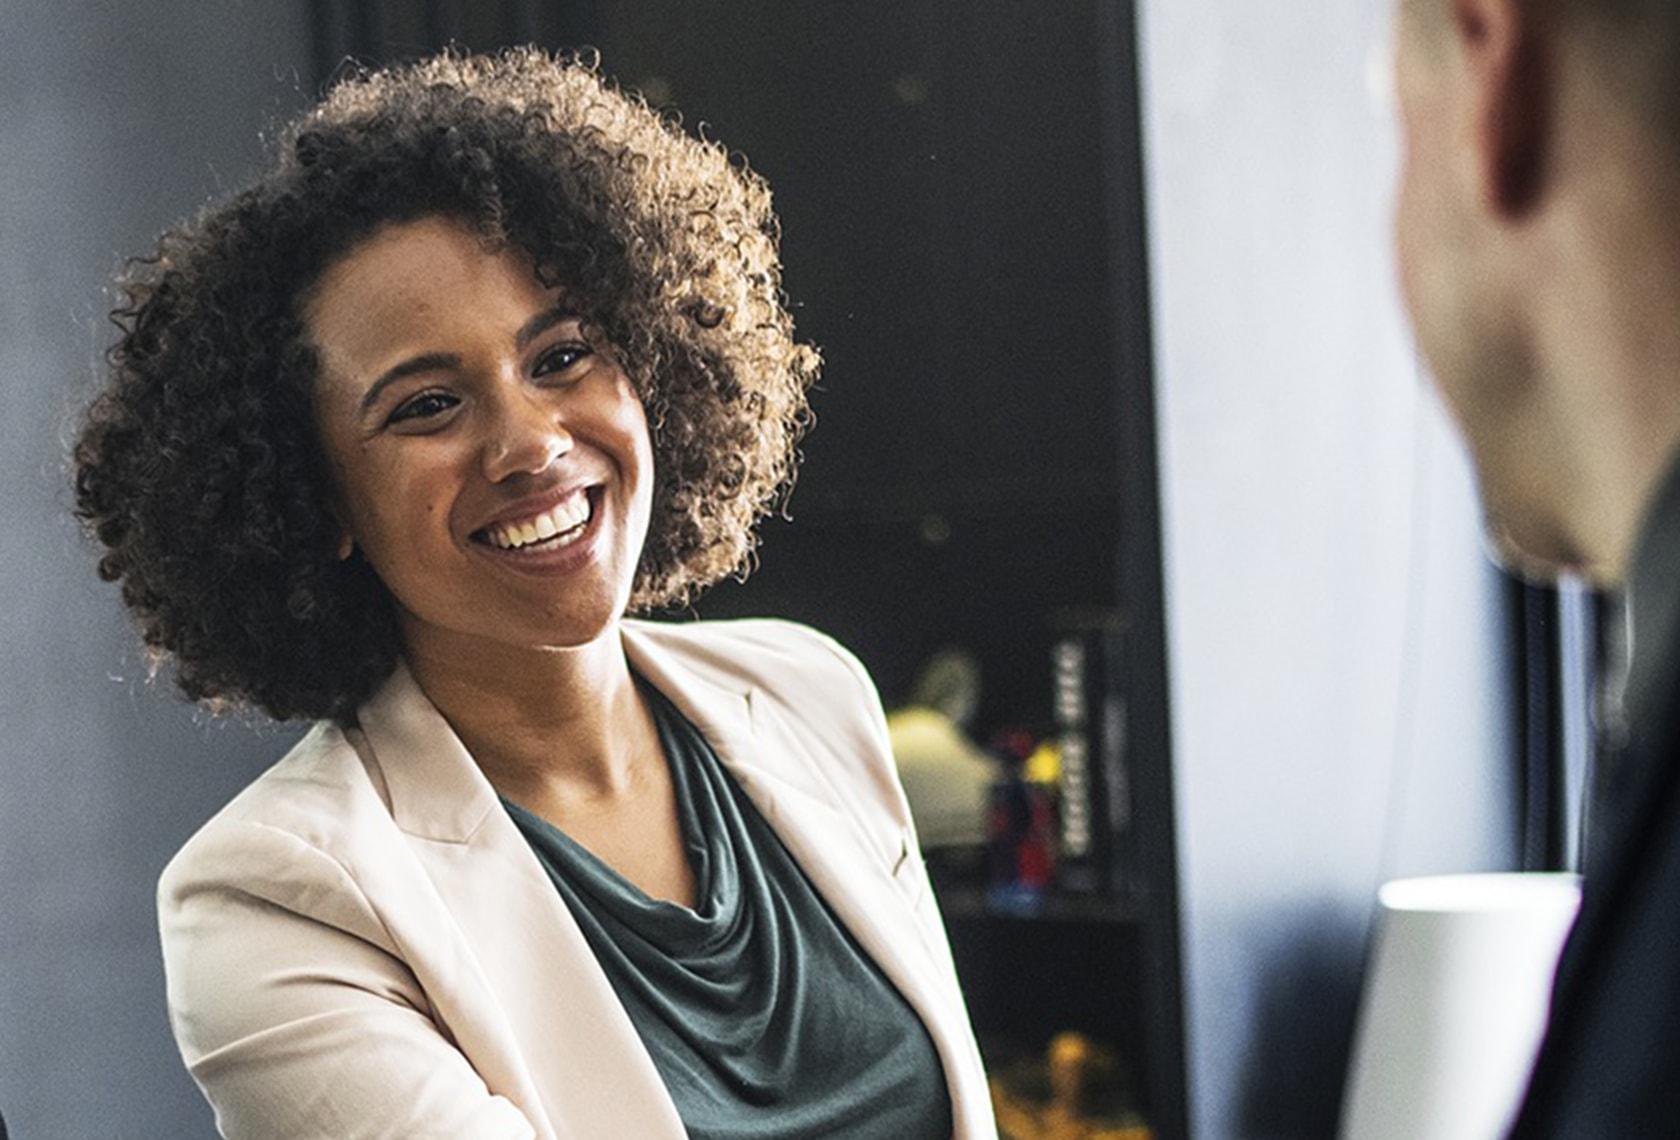 基本のビジネス英語「自己紹介」について解説する記事中のイメージ画像です。笑顔で談笑する女性の姿が写っています。